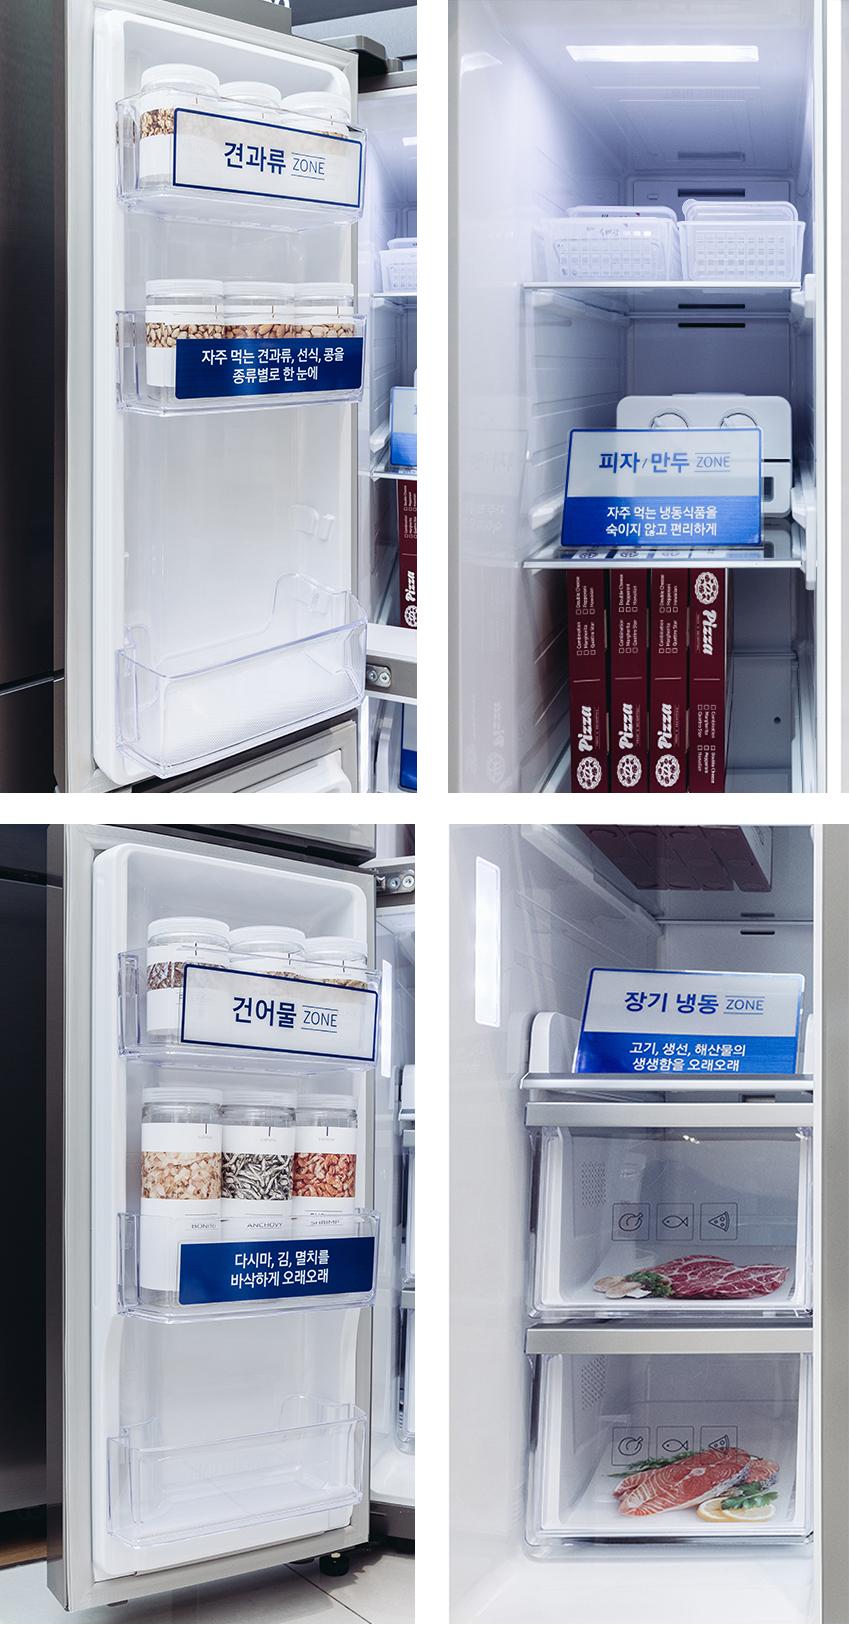 ▲'견과류존'과 '건어물존'으로 나누어진 냉동실 도어(왼쪽사진)와 '피자·만두존'과 육류나 어류를 오랫동안 보관할 수 있는 '장기냉동존'으로 나누어진 냉동실(오른쪽 사진)